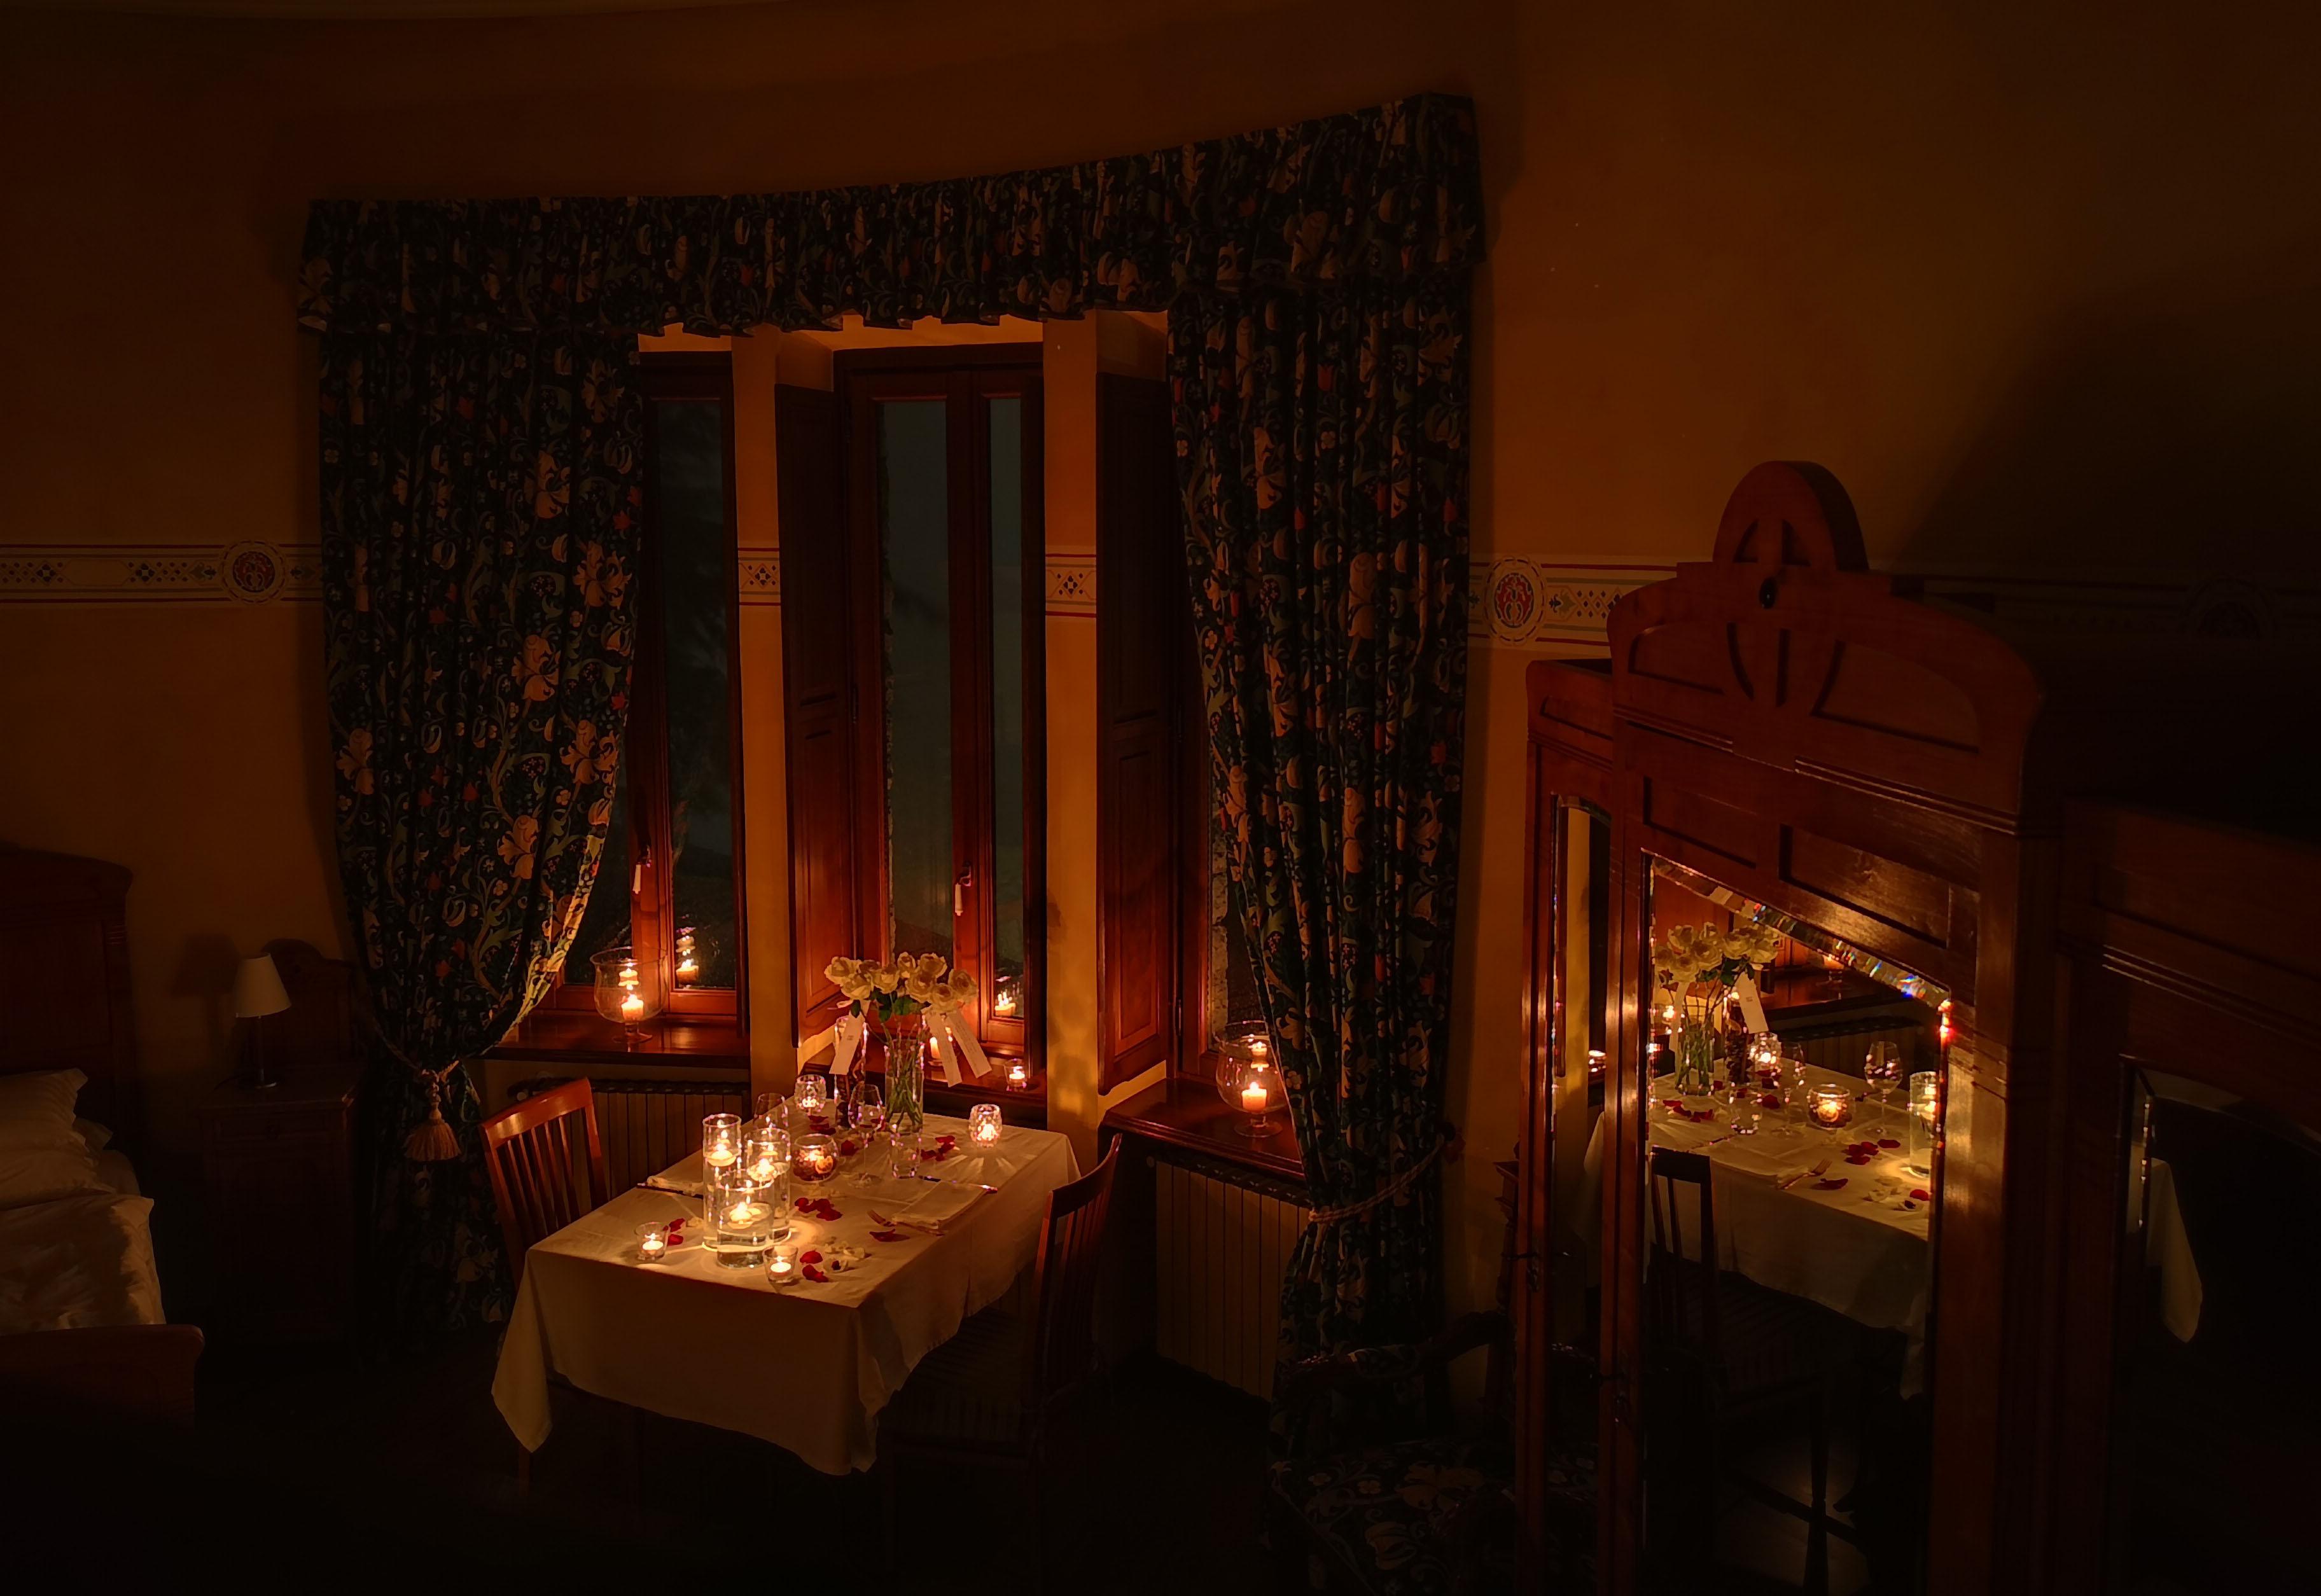 Camere Da Letto Romantiche Con Petali Di Rosa : Lusso di coppia una notte romantica hotel al borducan varese